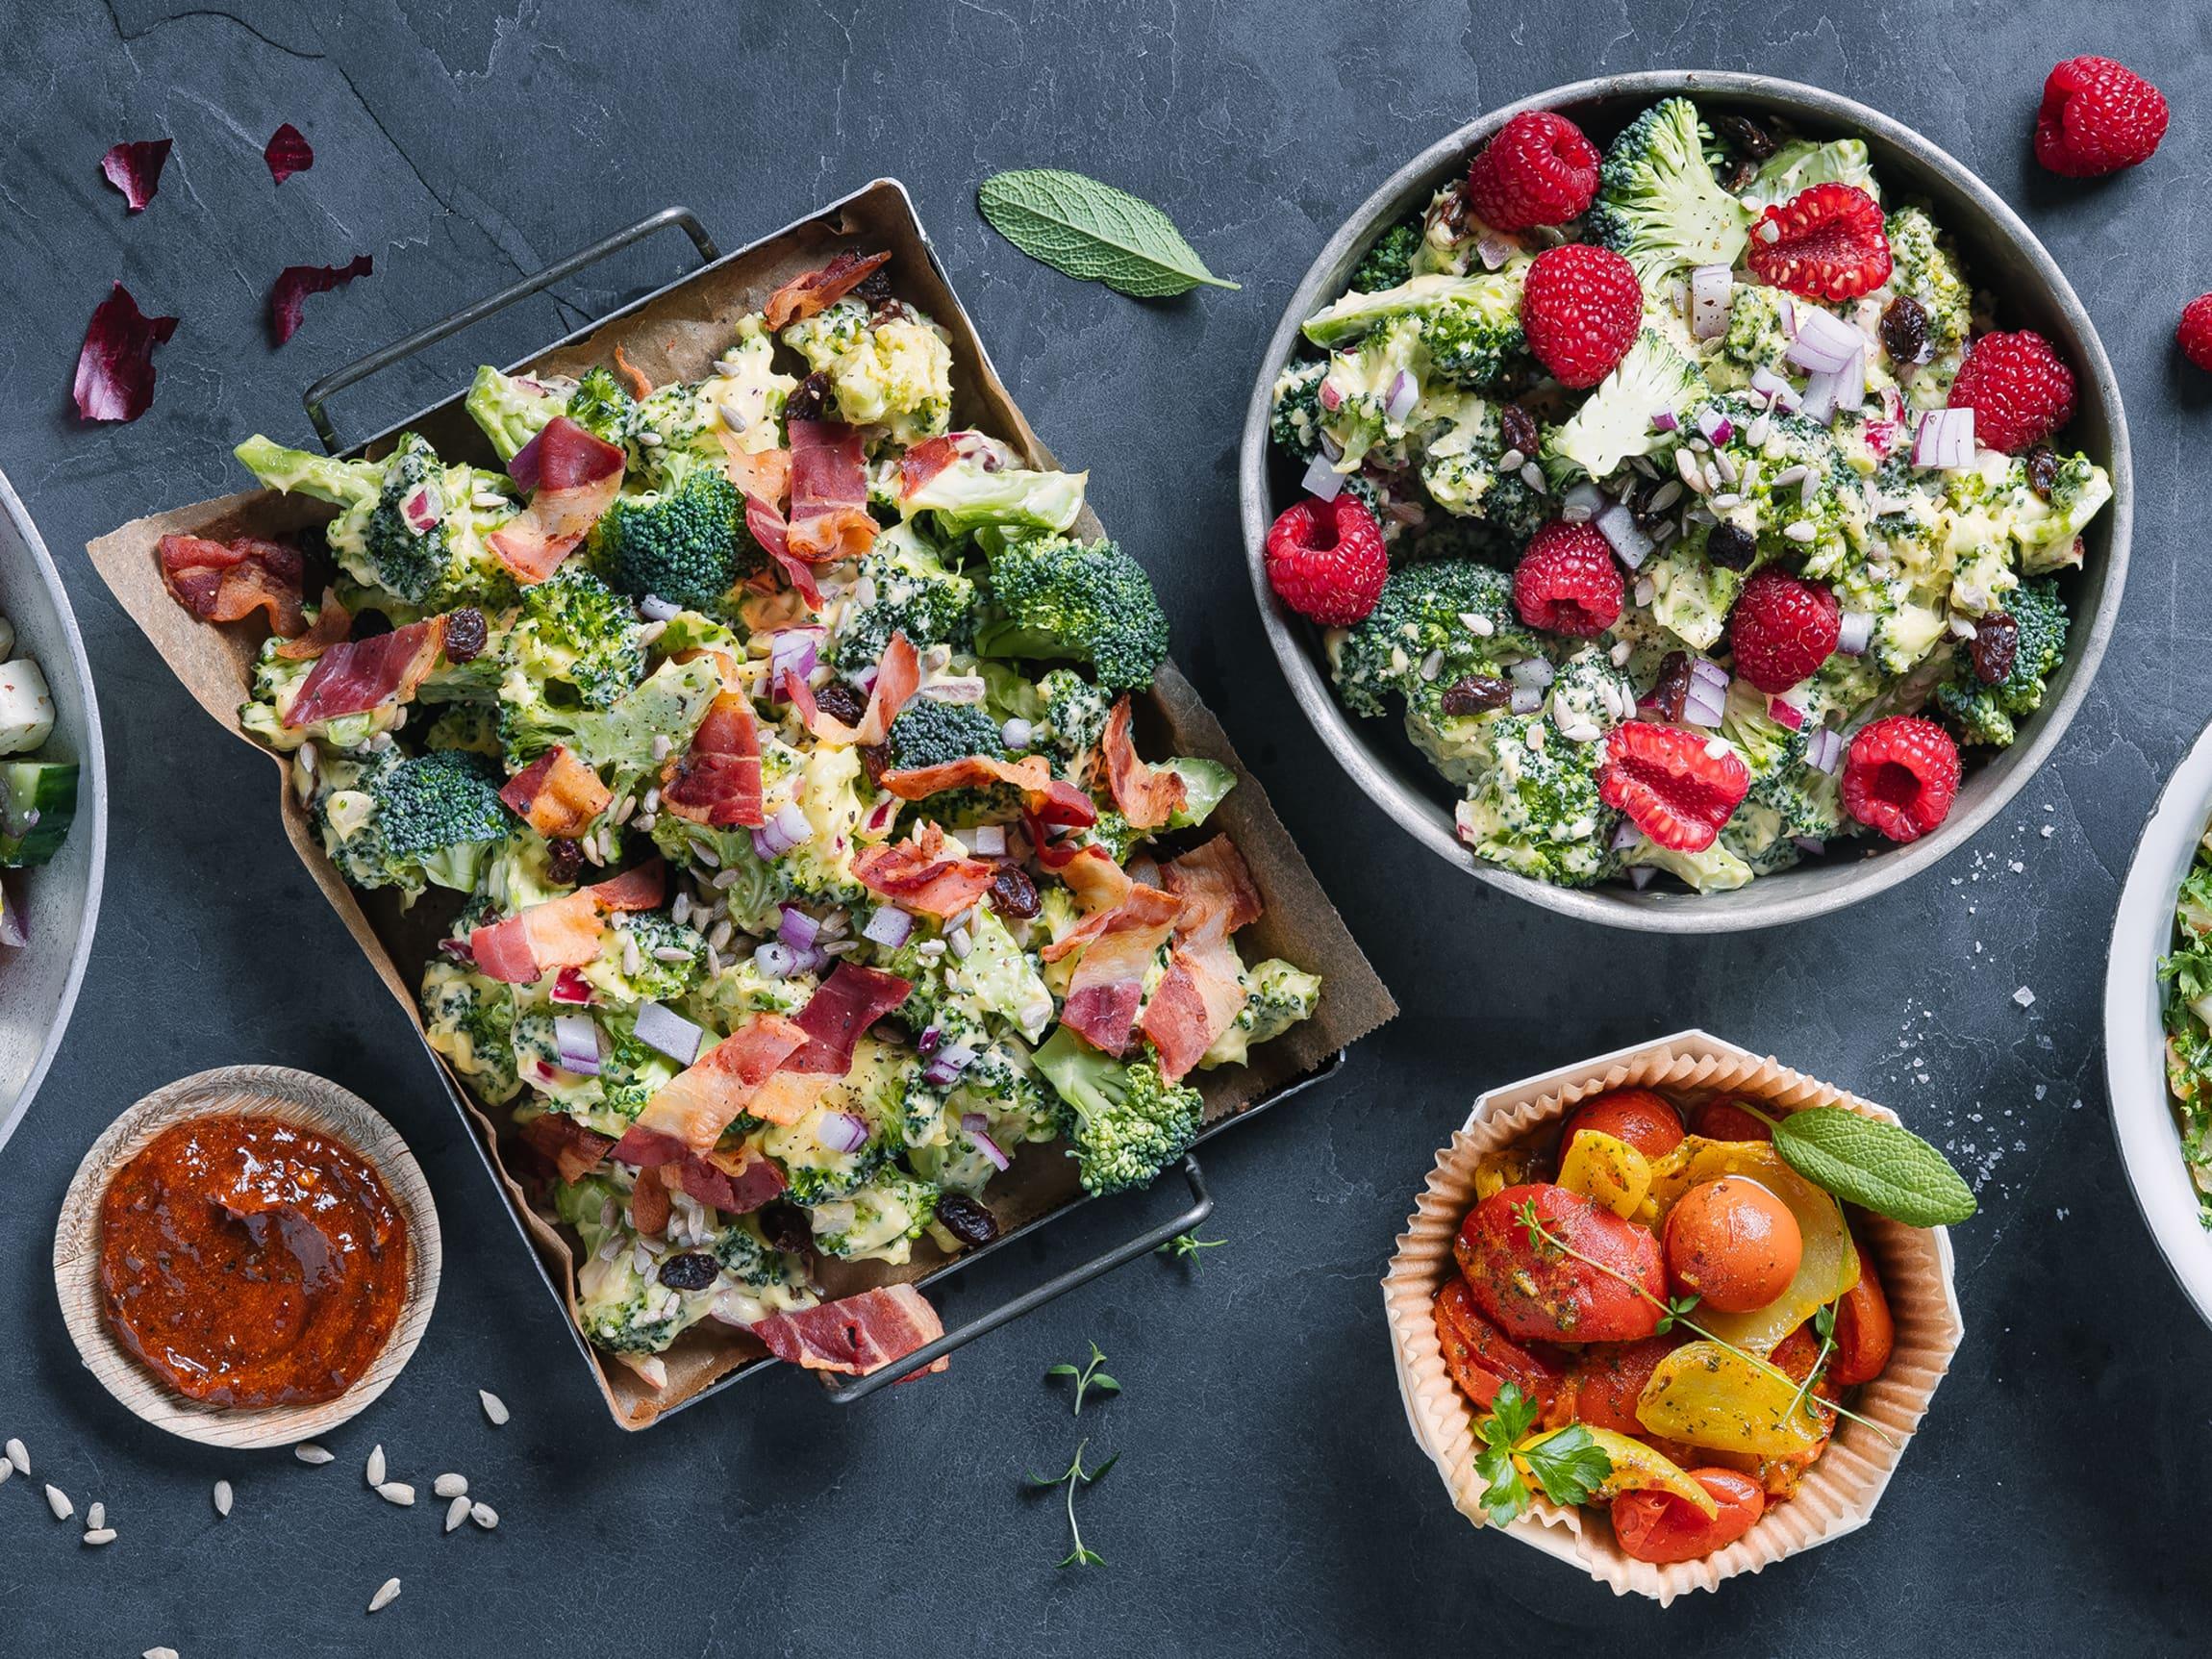 Velg mellom brokkolisalat med tørrsaltet bacon eller friske bringebær. Begge egner seg godt både alene og sammen med grillmaten!